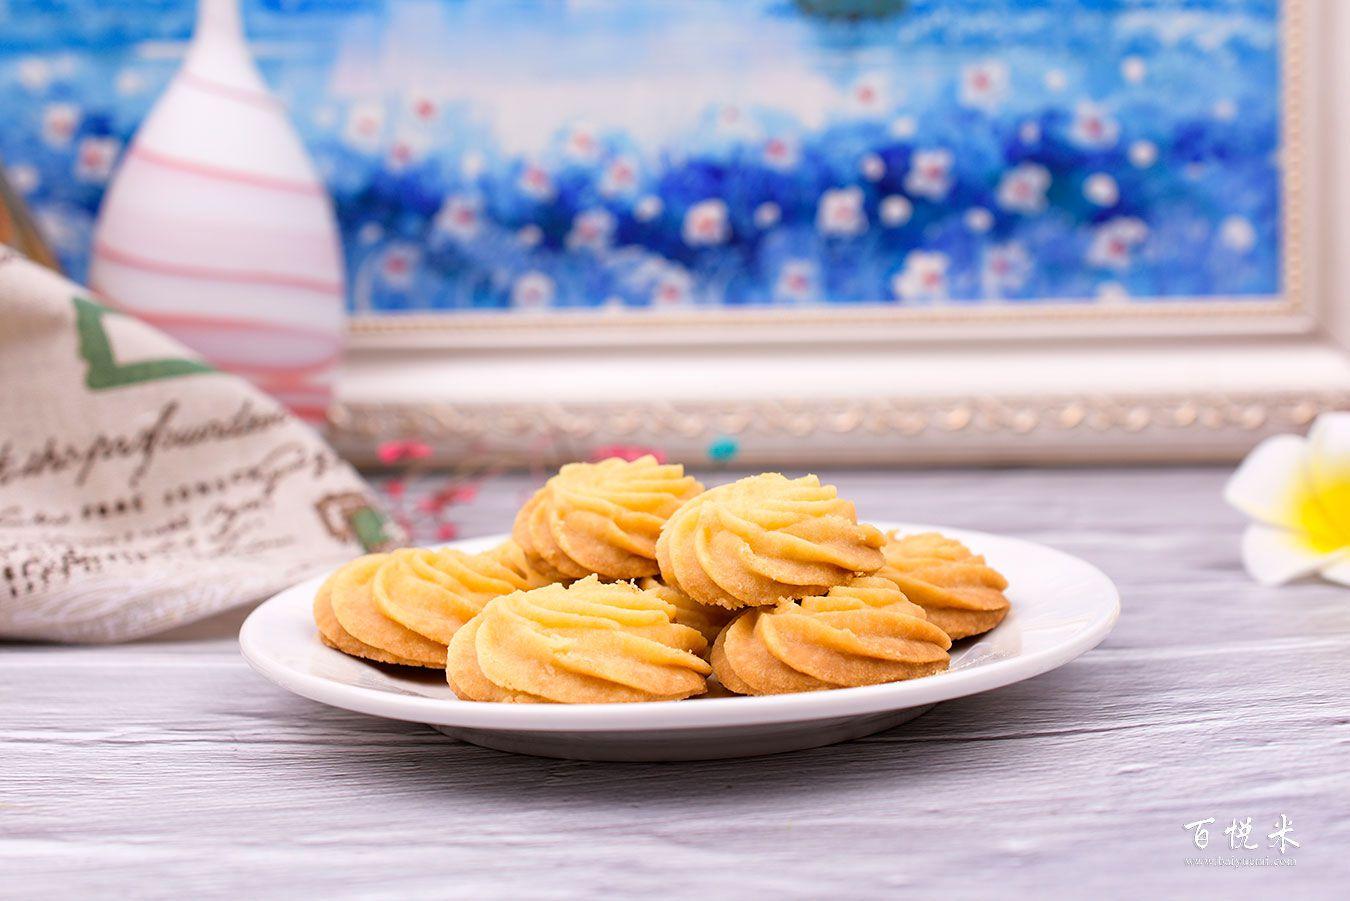 原味曲奇饼干高清图片大全【蛋糕图片】_443